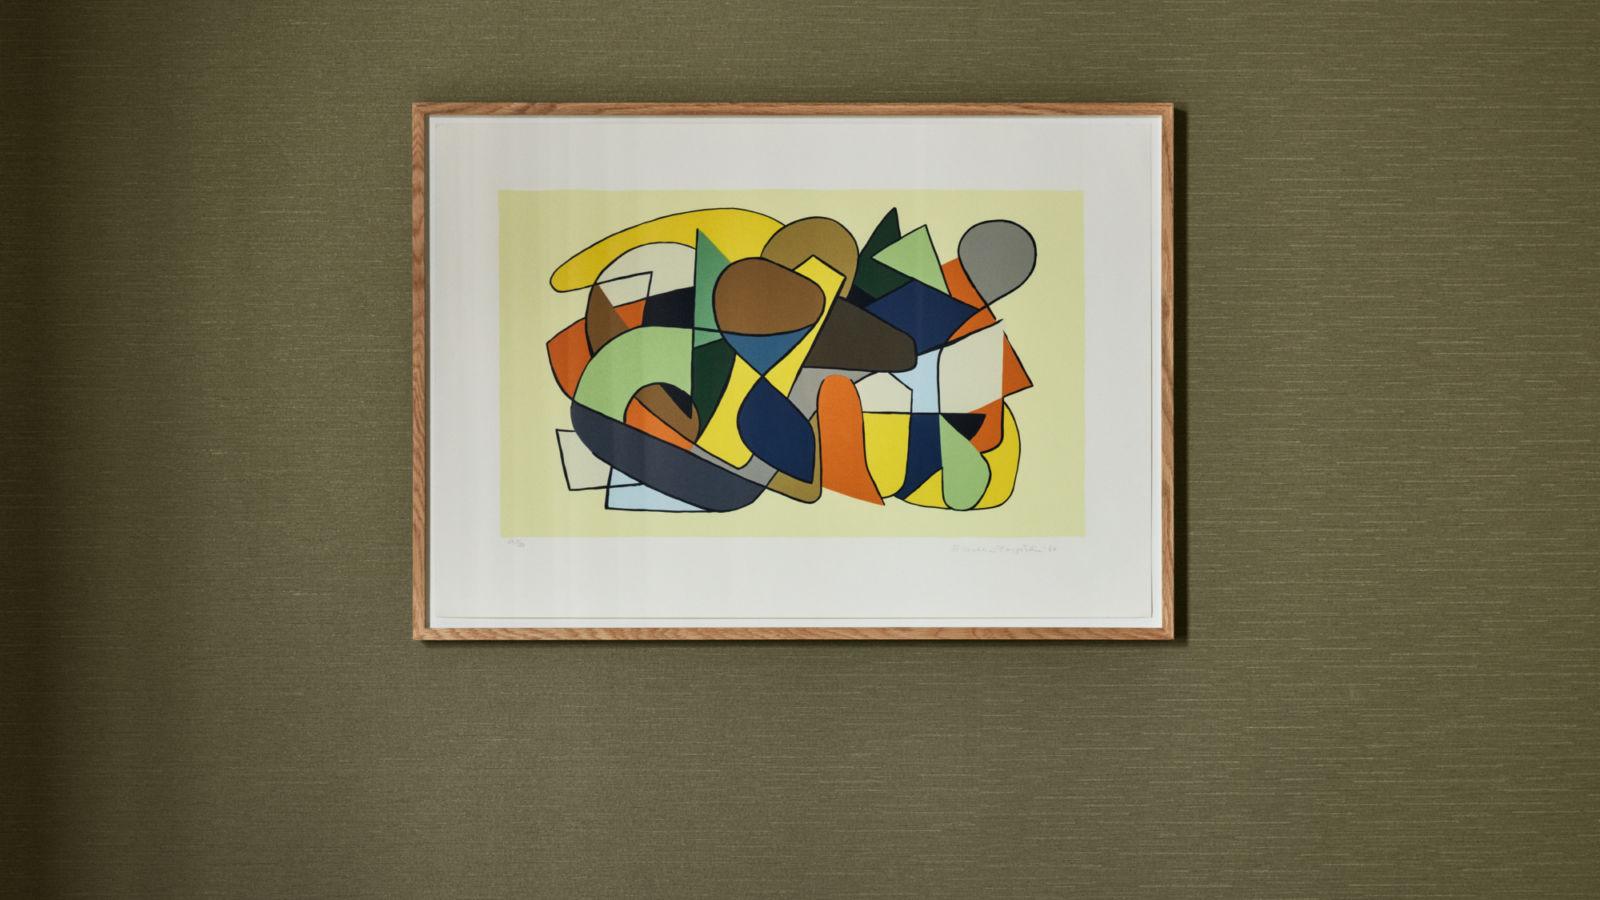 St. Georgen Taidesalonki haluaa elvyttää taitoa pysähtyä katsomaan, olla taiteen kanssa ja puhua siitä.